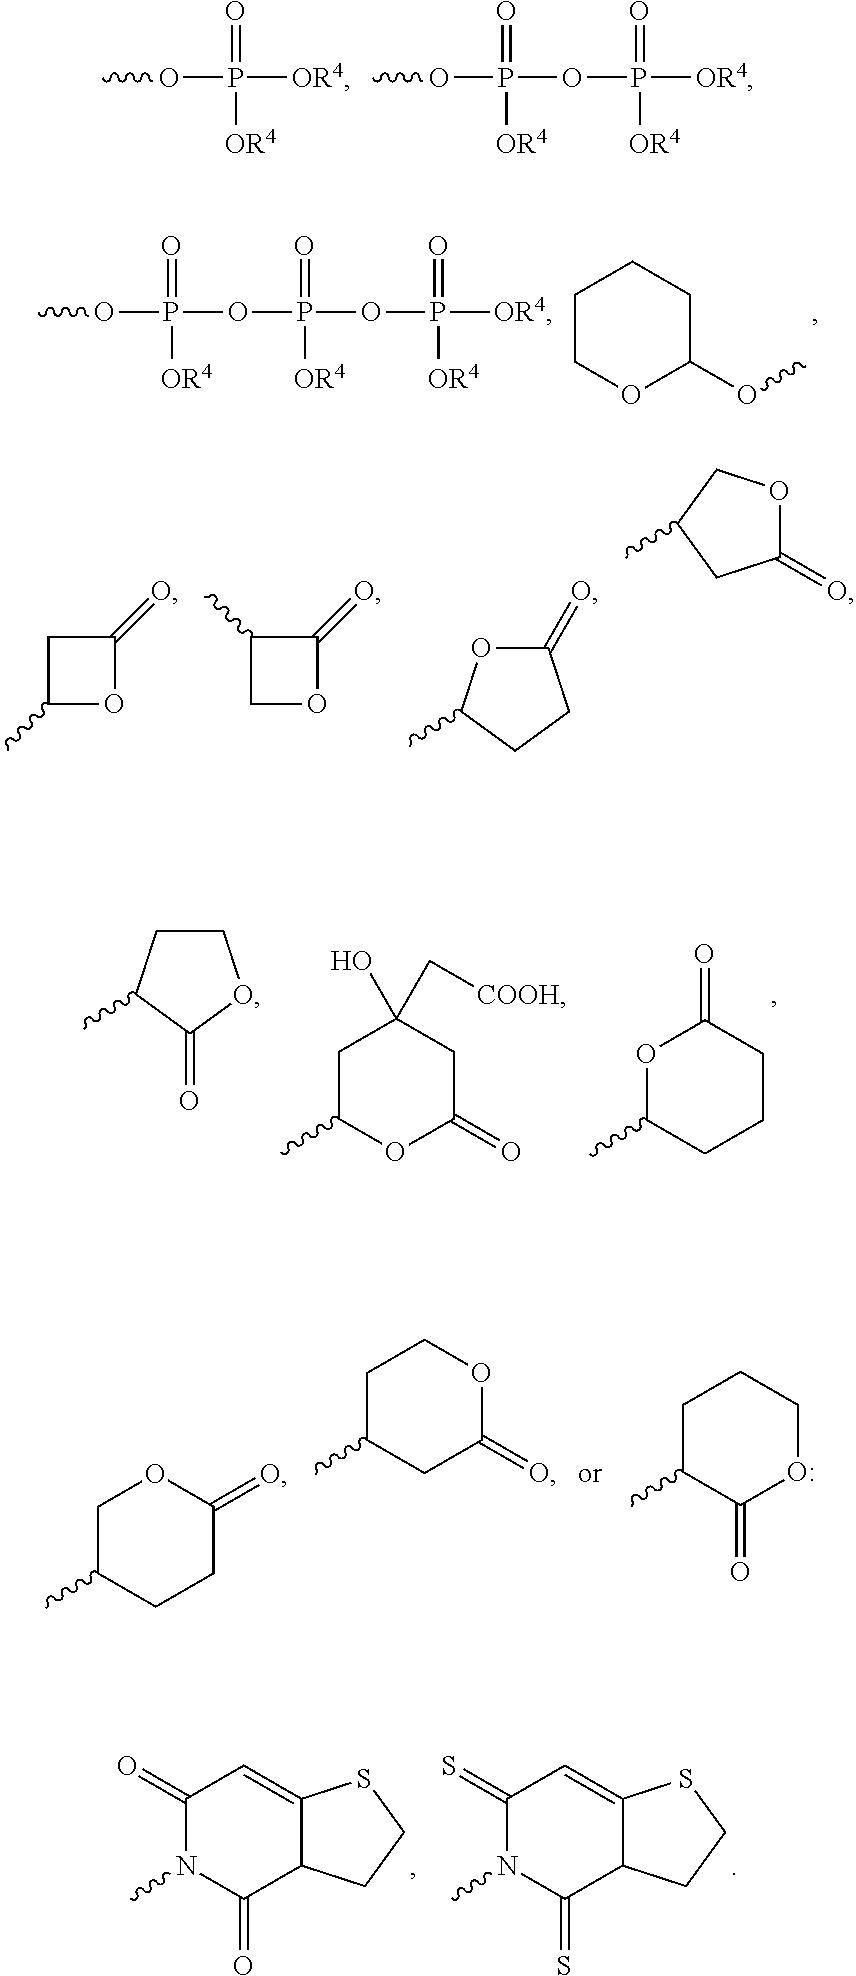 Figure US09855240-20180102-C00032